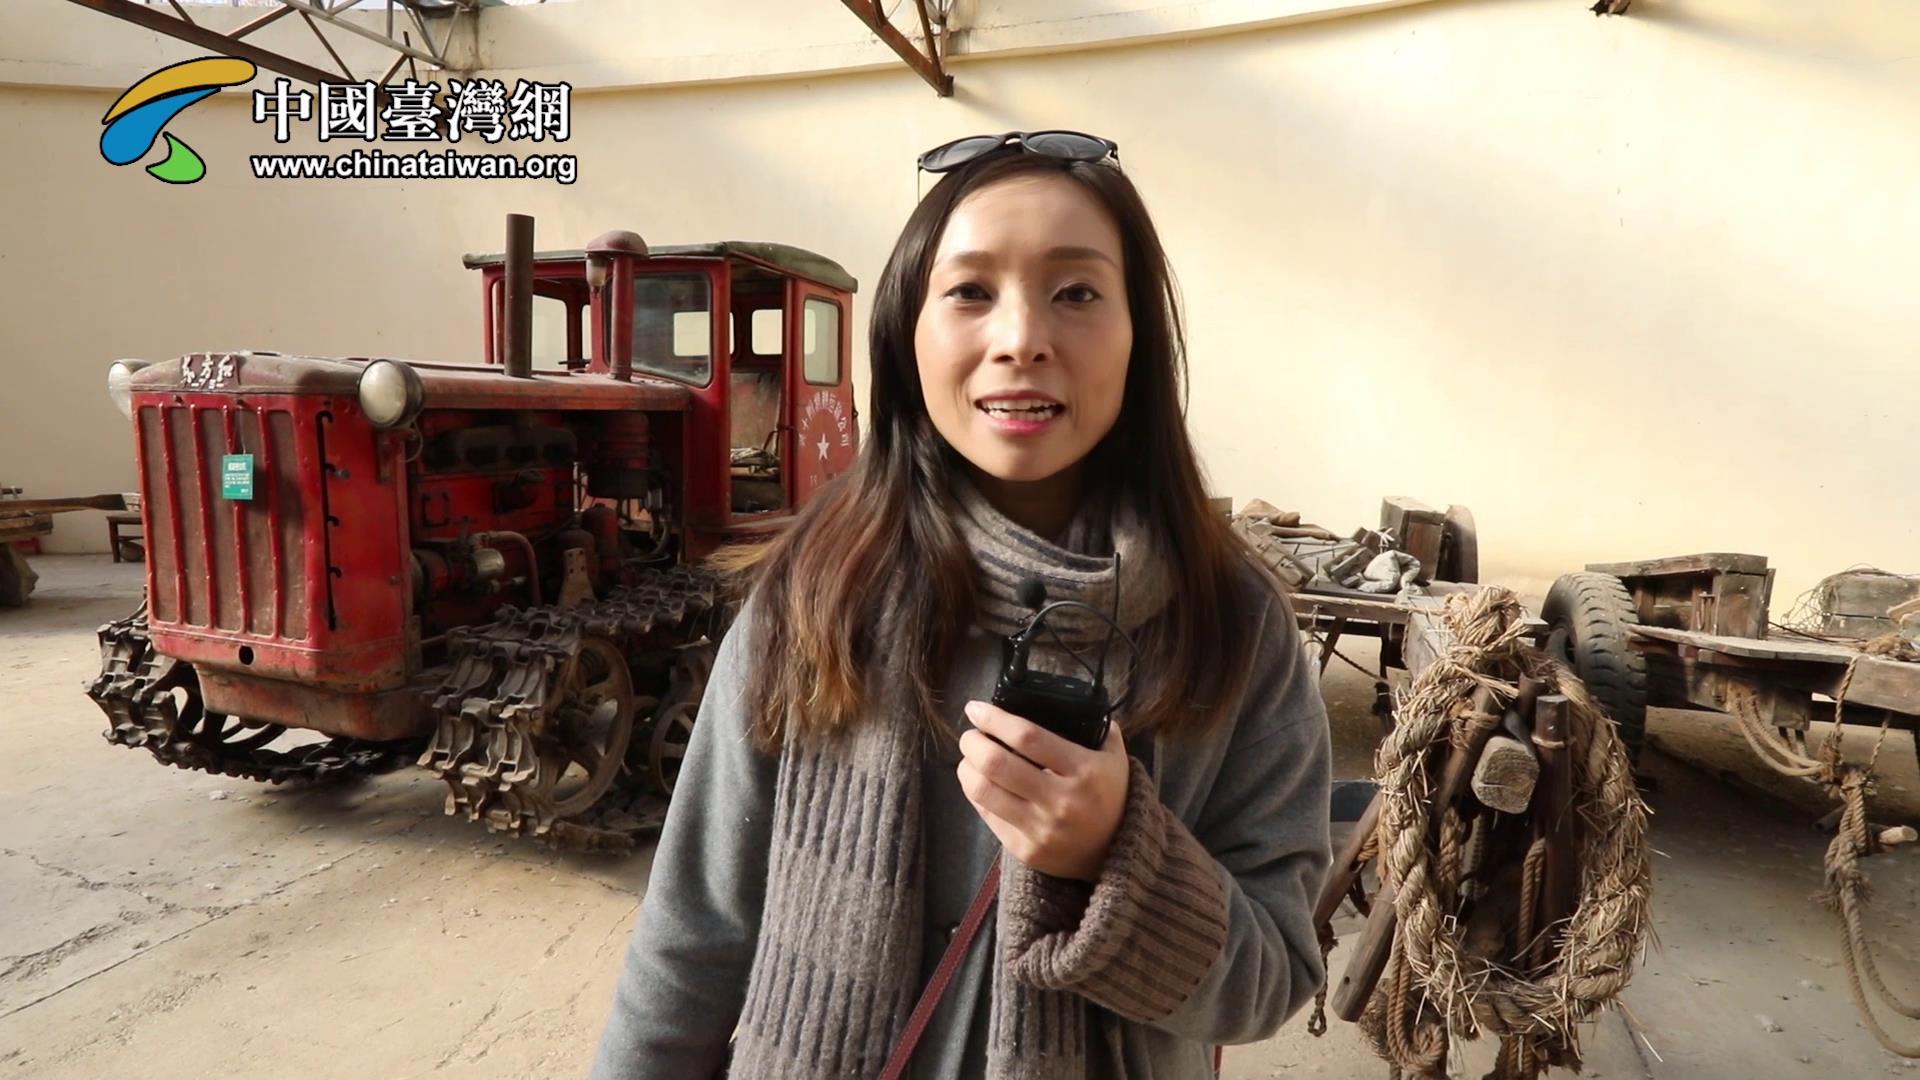 """【黑龙江篇】台湾媒体走进黑龙江 探访传说中的""""首富村""""图片"""